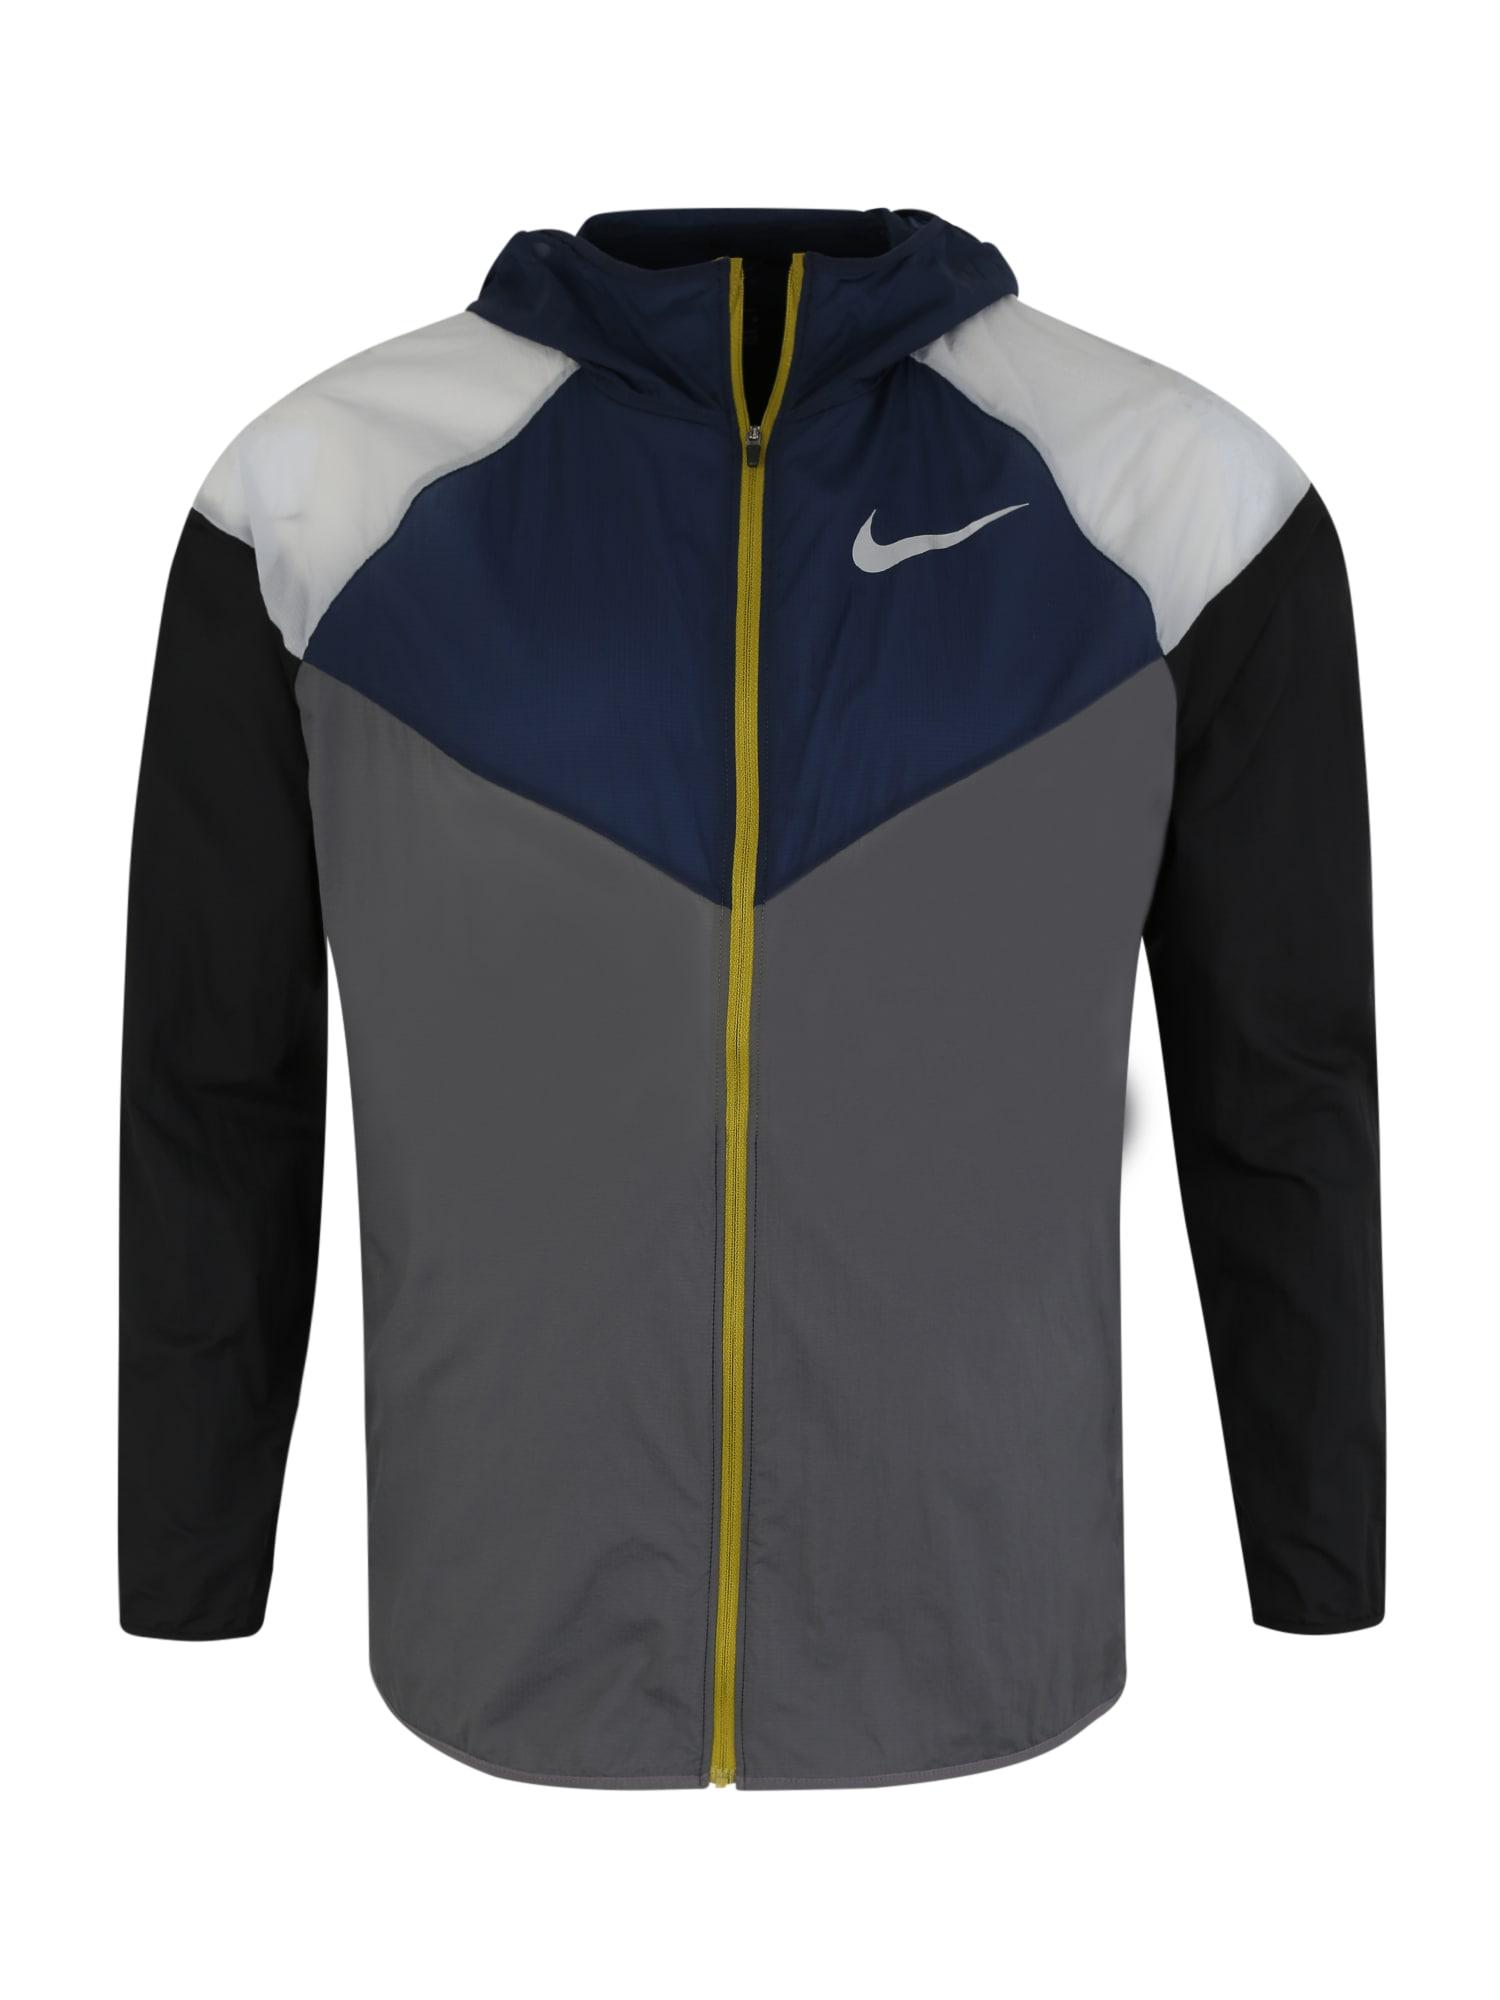 Sportovní bunda WINDRUNNER tmavě modrá tmavě šedá NIKE